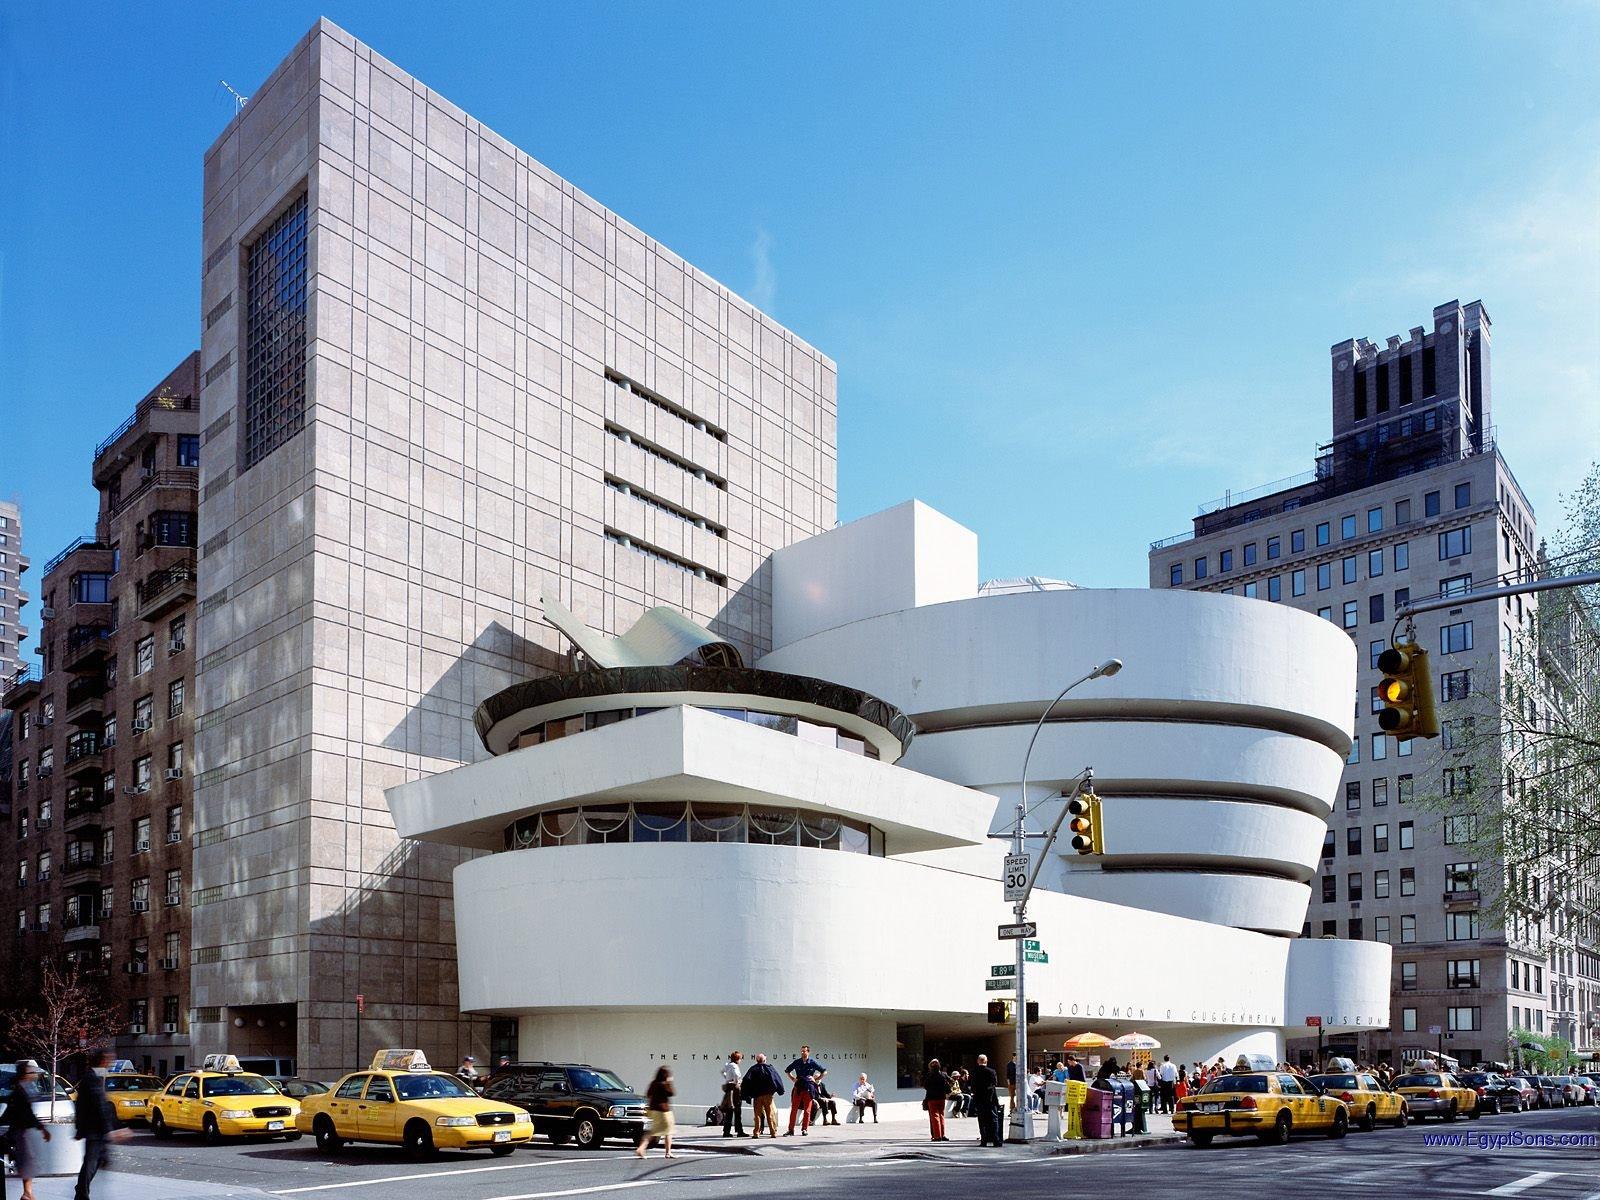 El museo Guggenheim, su edificio es una obra de arte. Foto: macaulay.cuny.edu